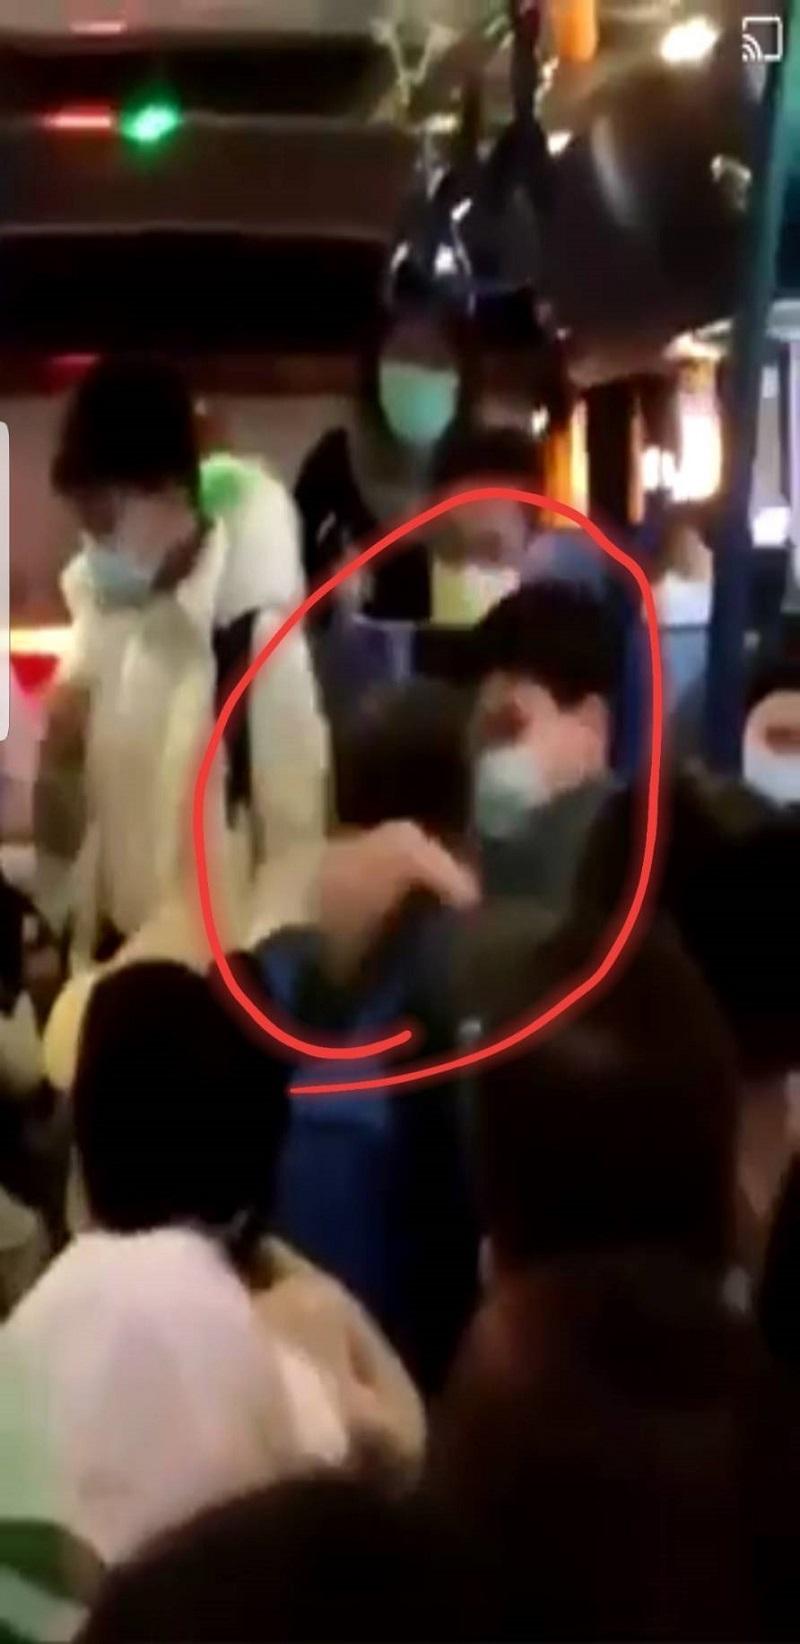 阿伯公車上為讓位猛K中學生 警依公車刷卡記錄找人